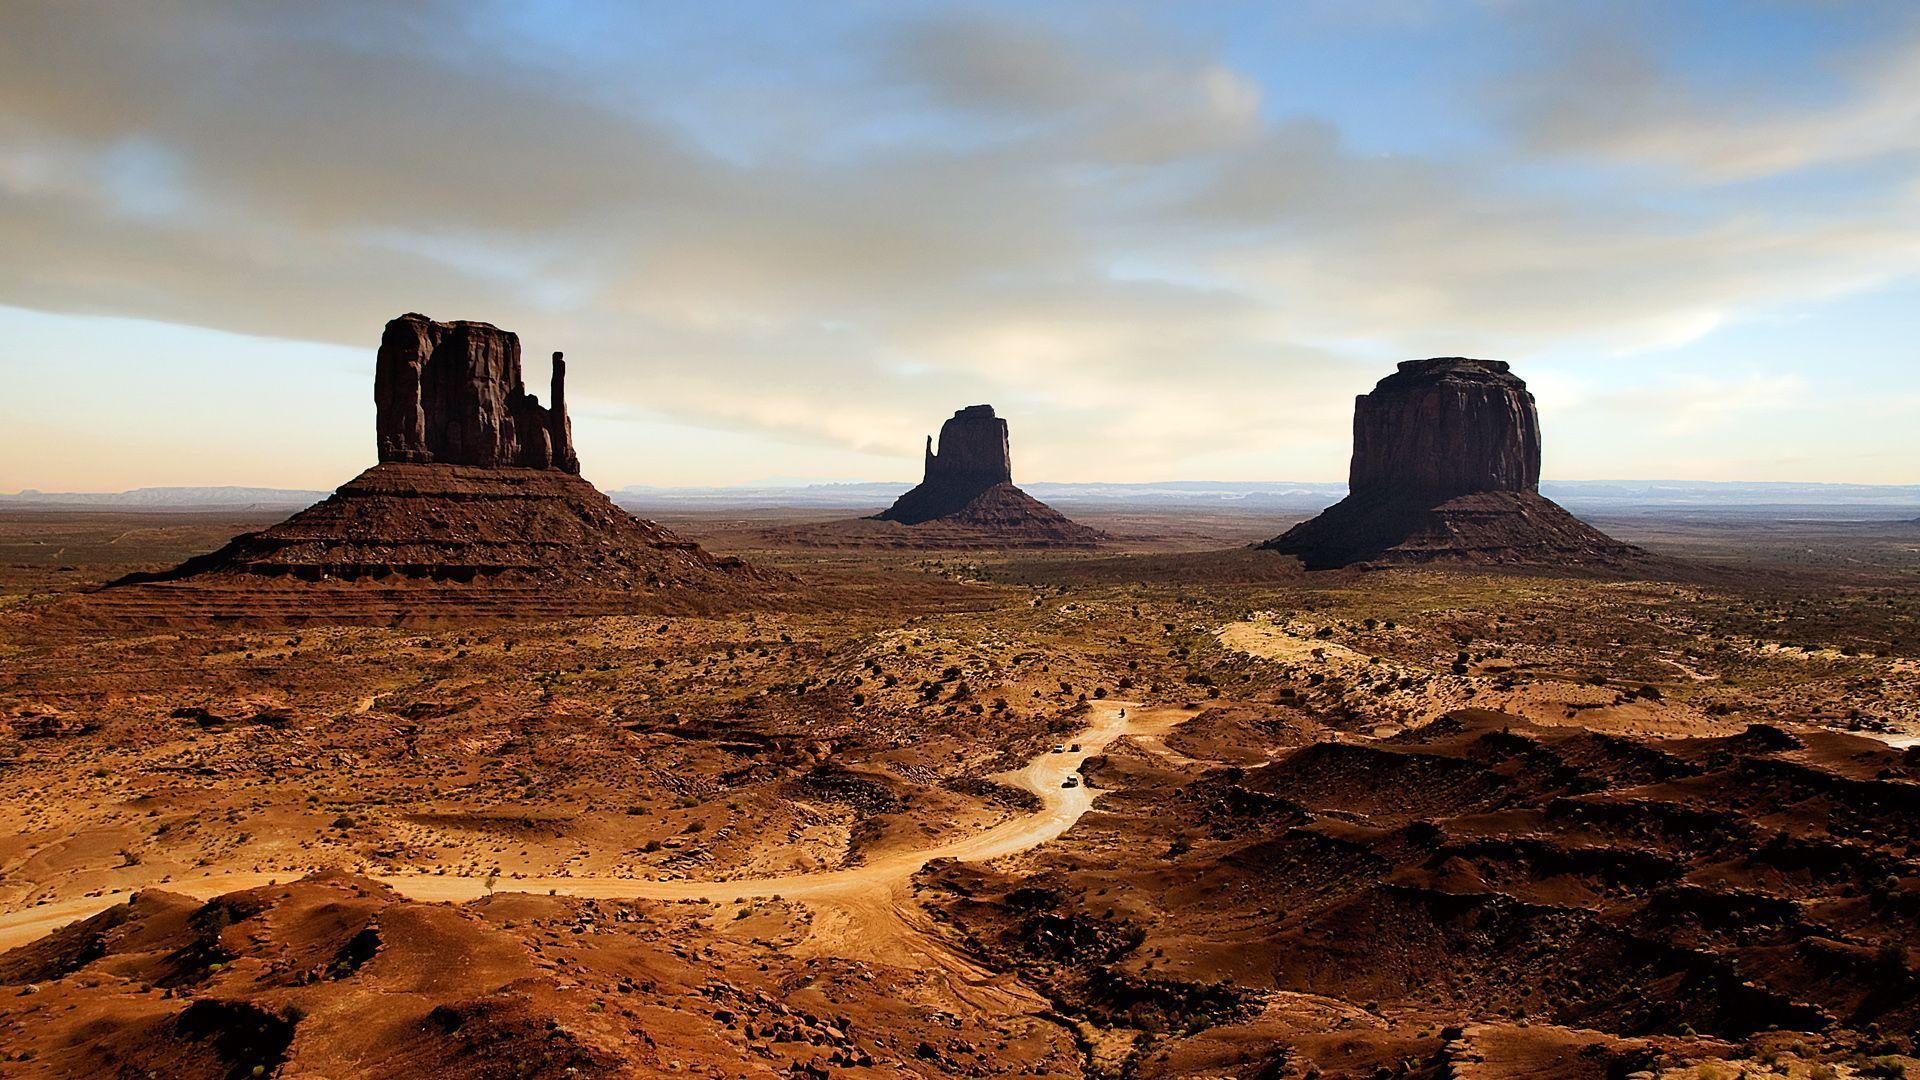 Download Landscape Arizona Wallpaper 1920x1080   Full HD Wall 1920x1080